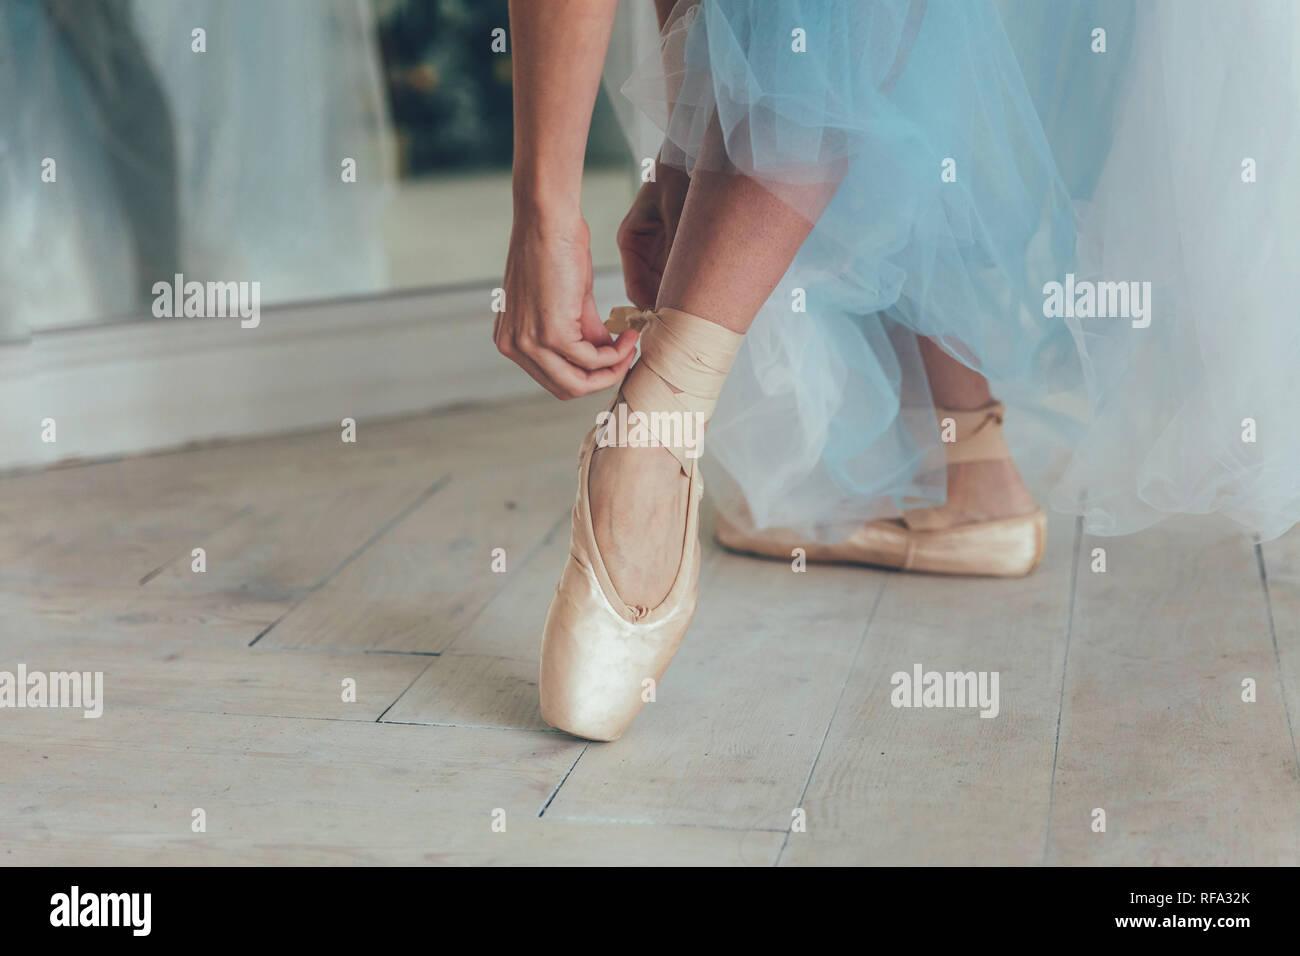 Le mani della ballerina in blu gonna tutu mette sulla pointe